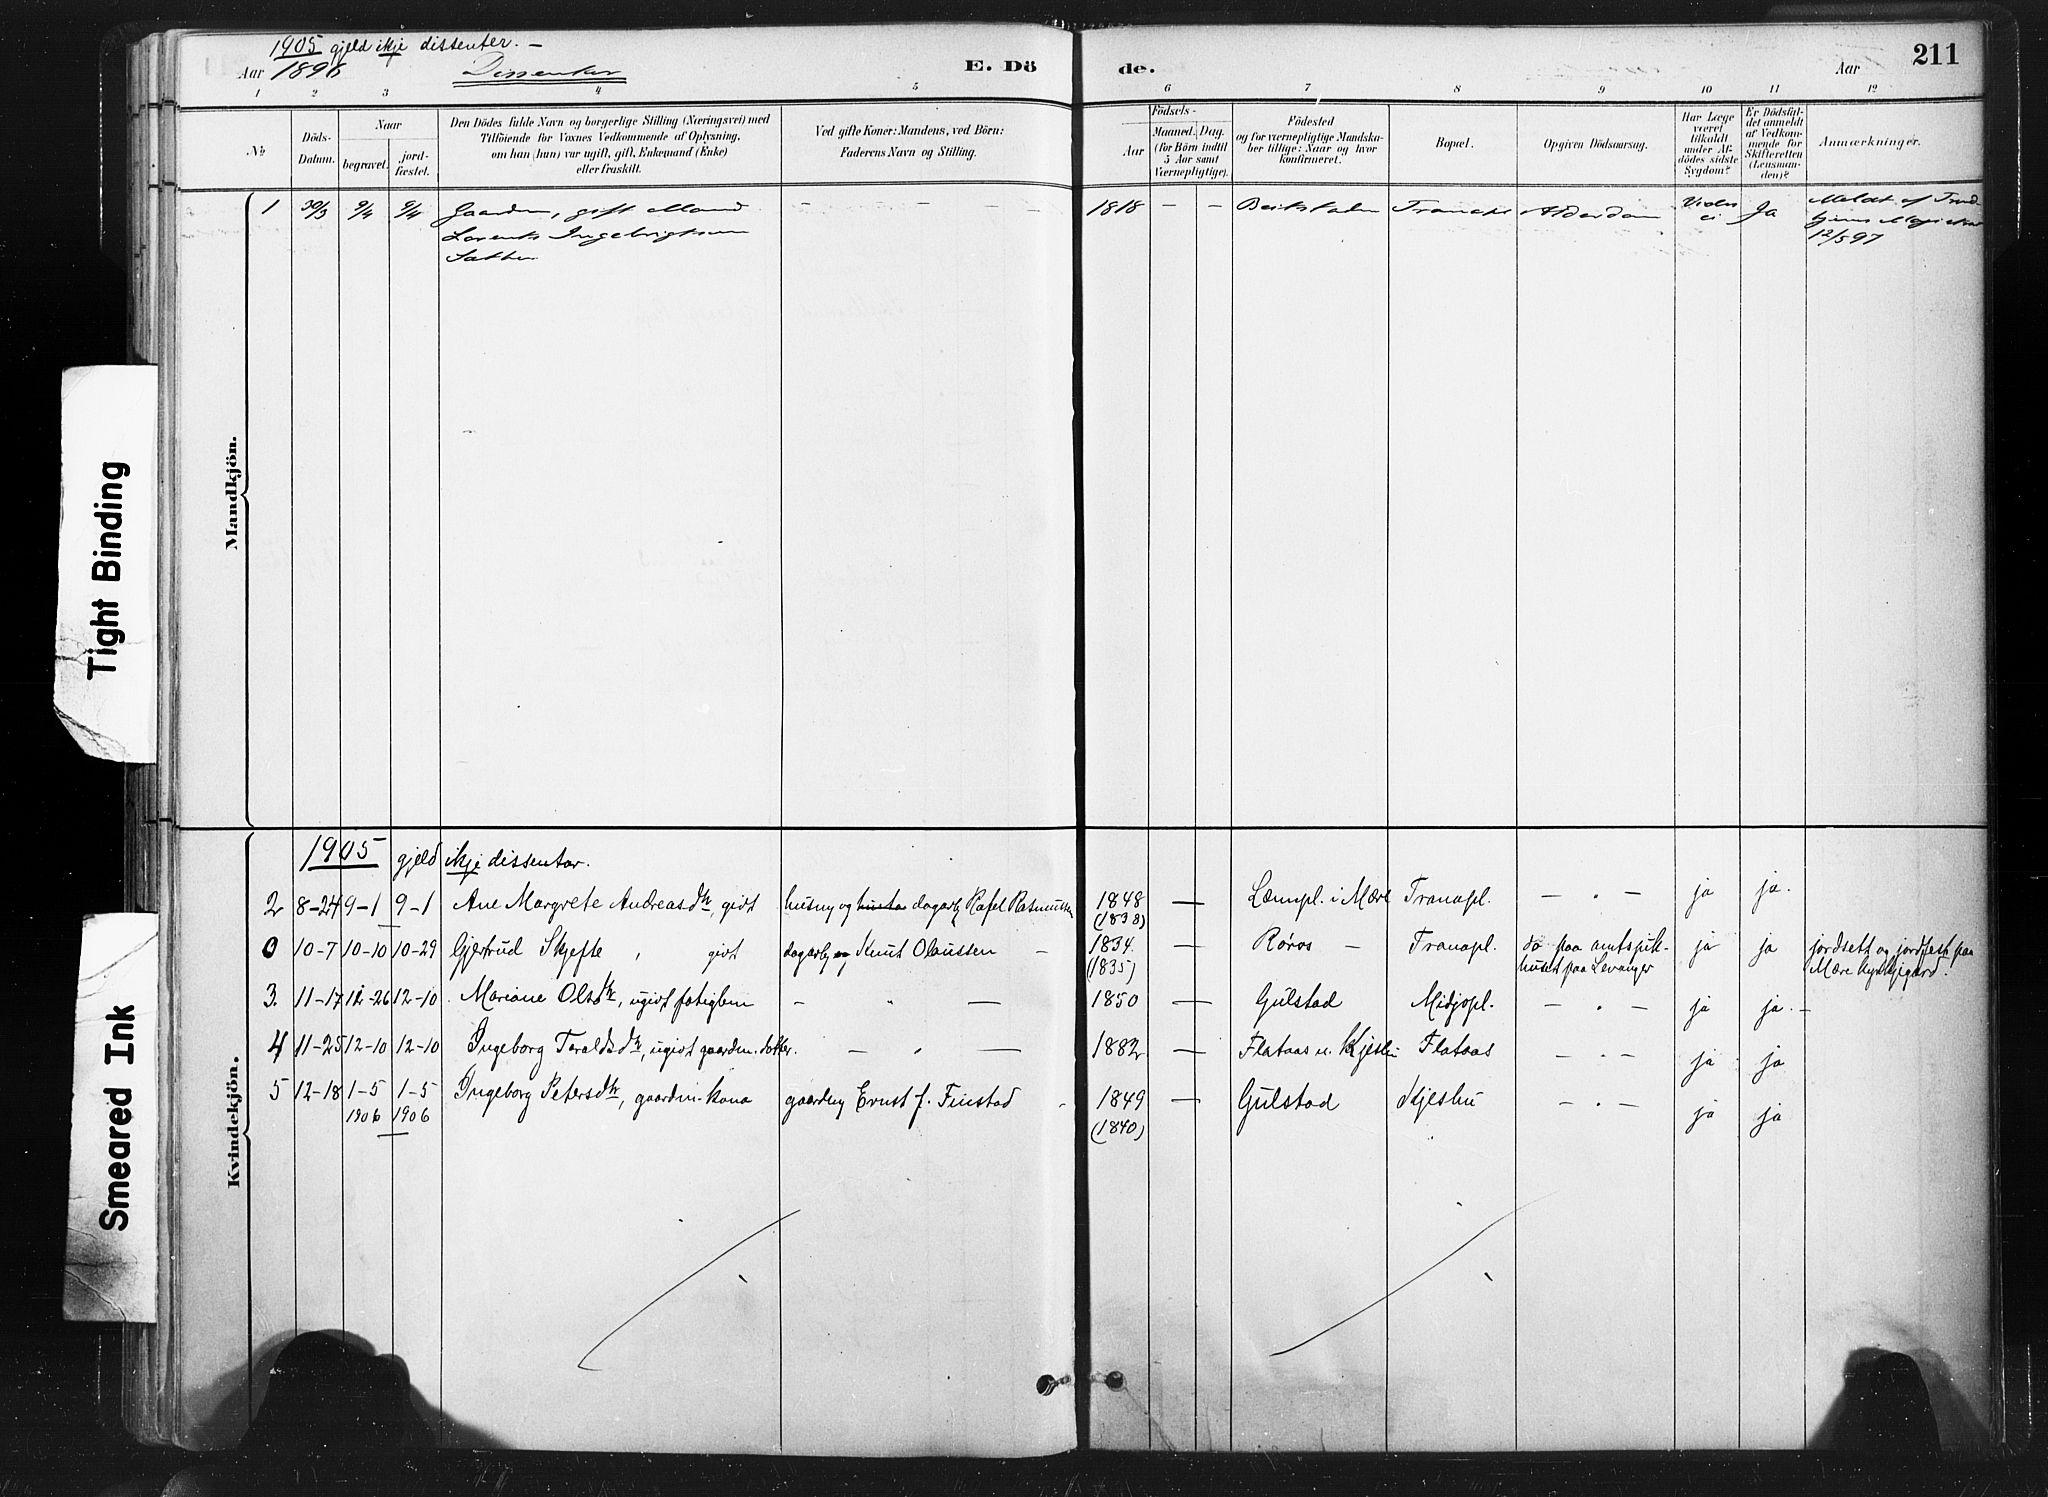 SAT, Ministerialprotokoller, klokkerbøker og fødselsregistre - Nord-Trøndelag, 736/L0361: Ministerialbok nr. 736A01, 1884-1906, s. 211